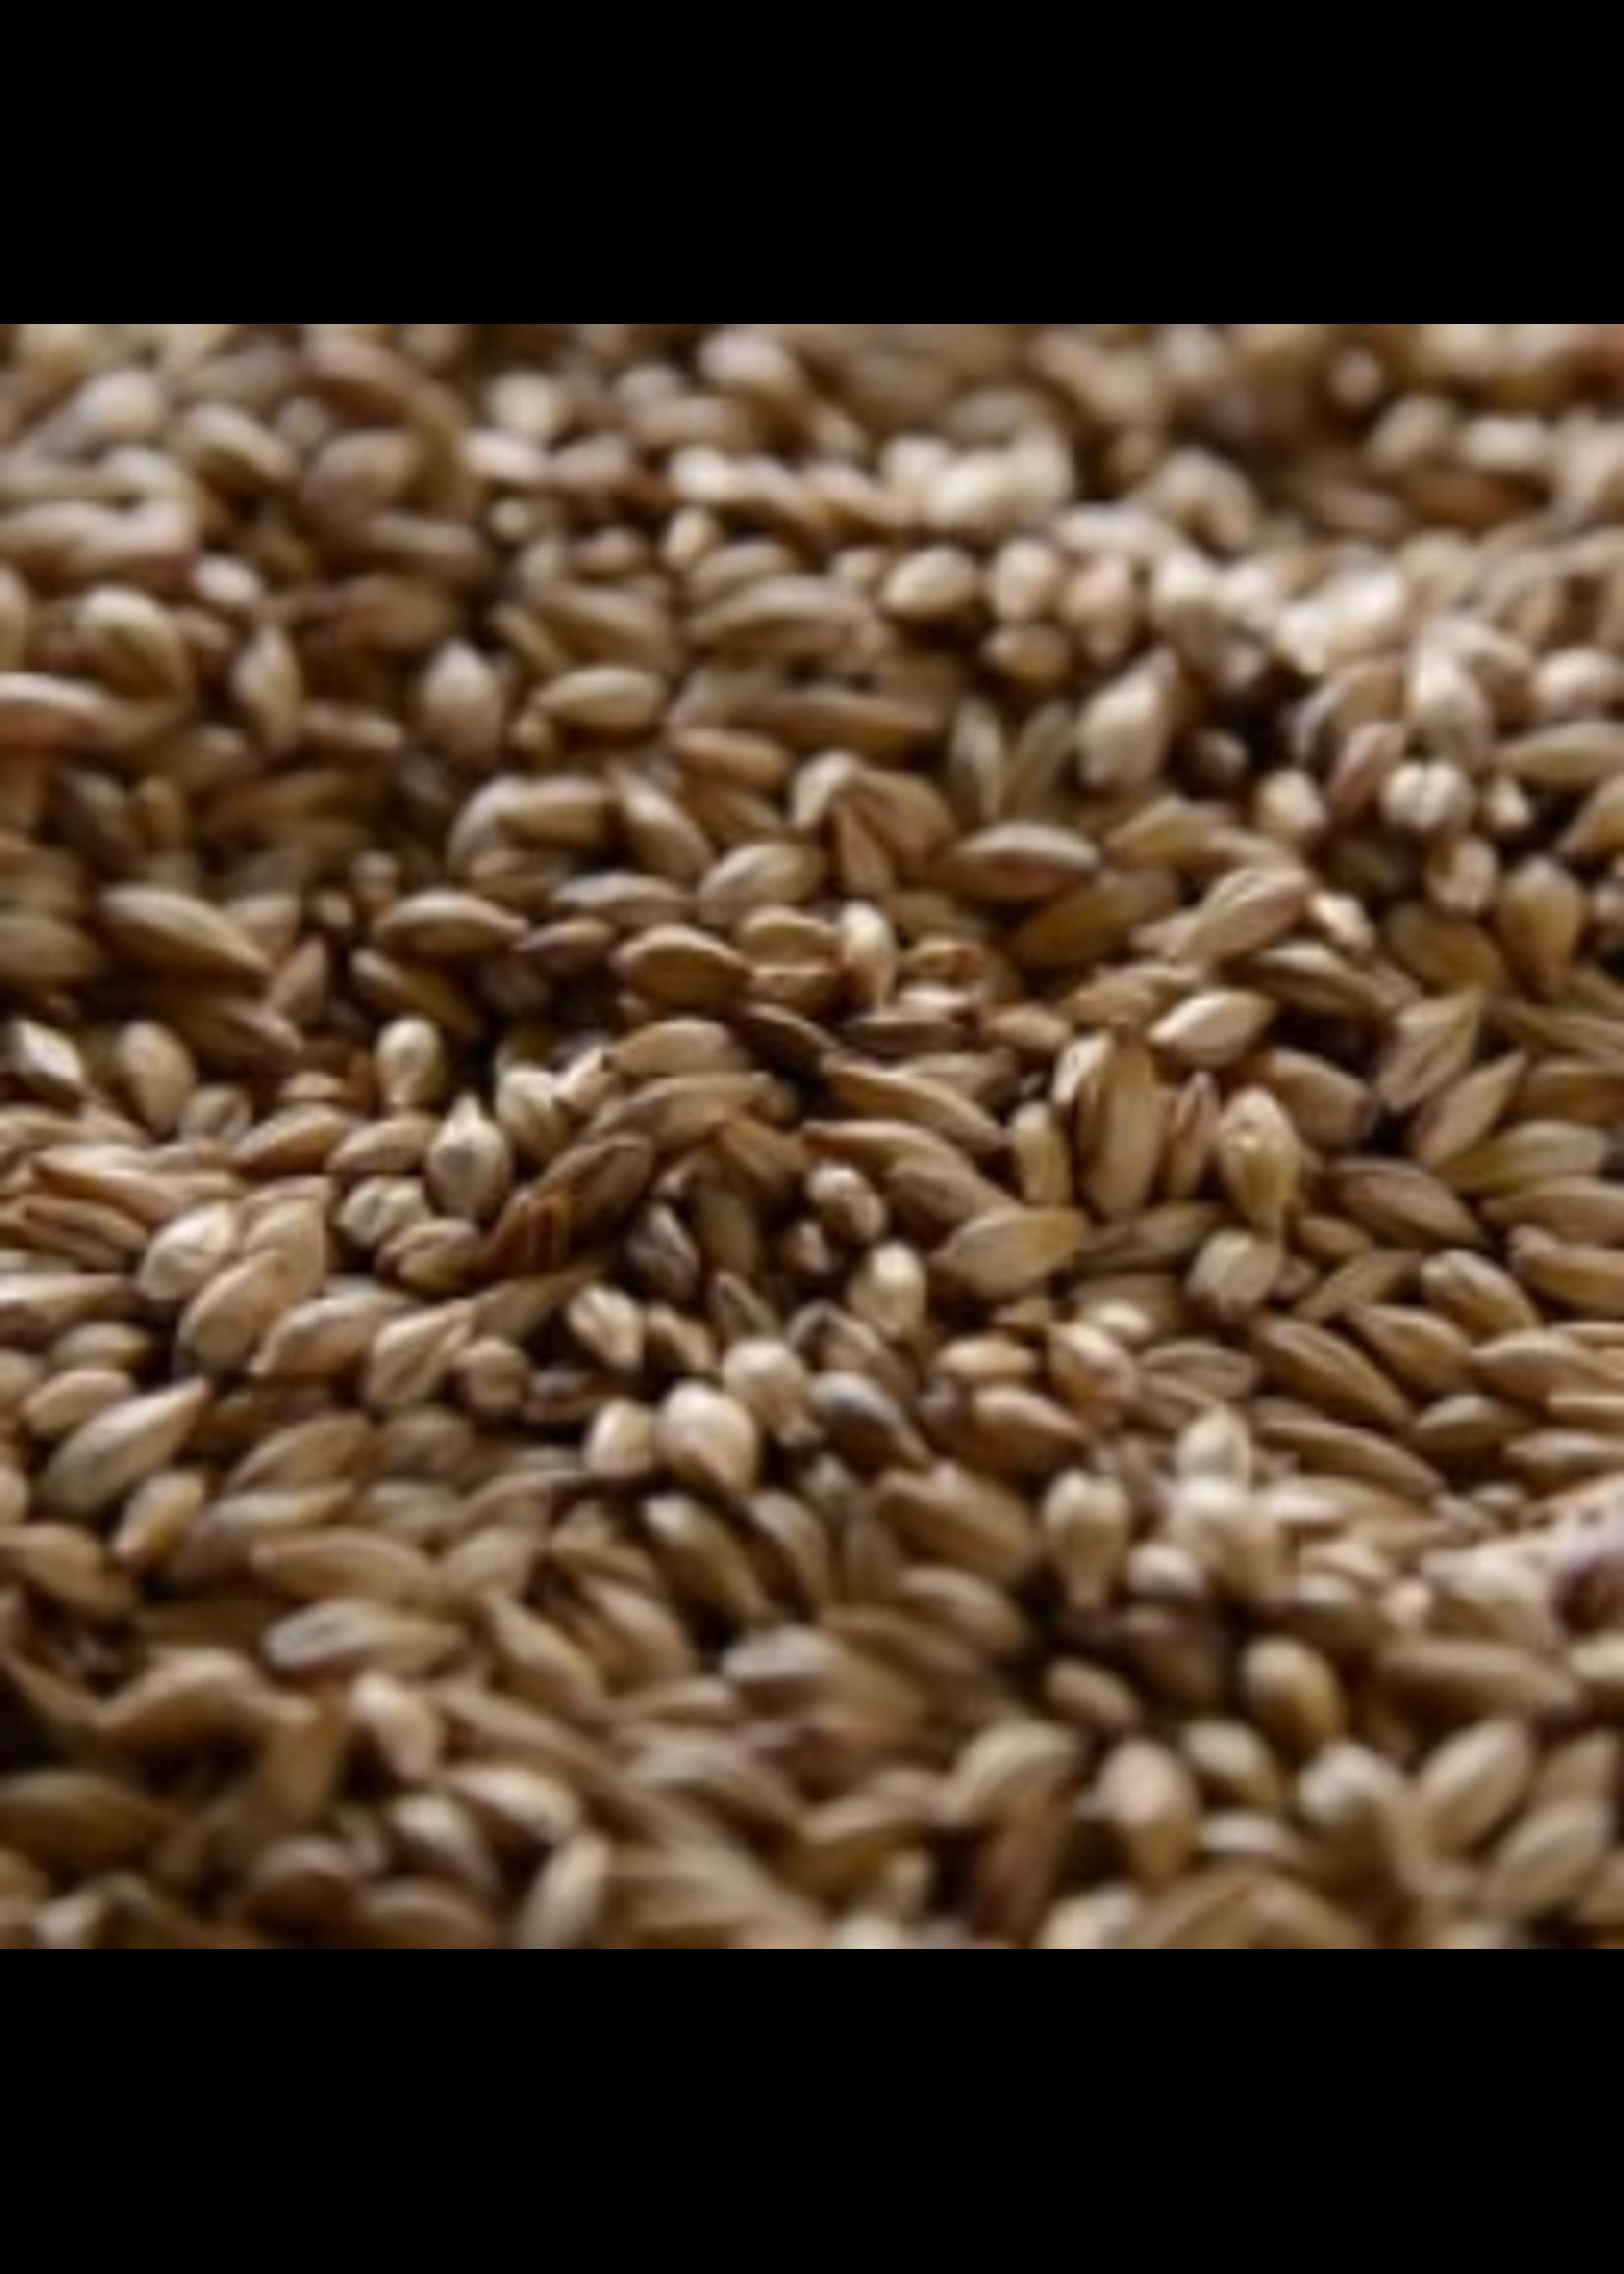 Grain Patagonia Caramel 15L Malt - A26 - 1 LB